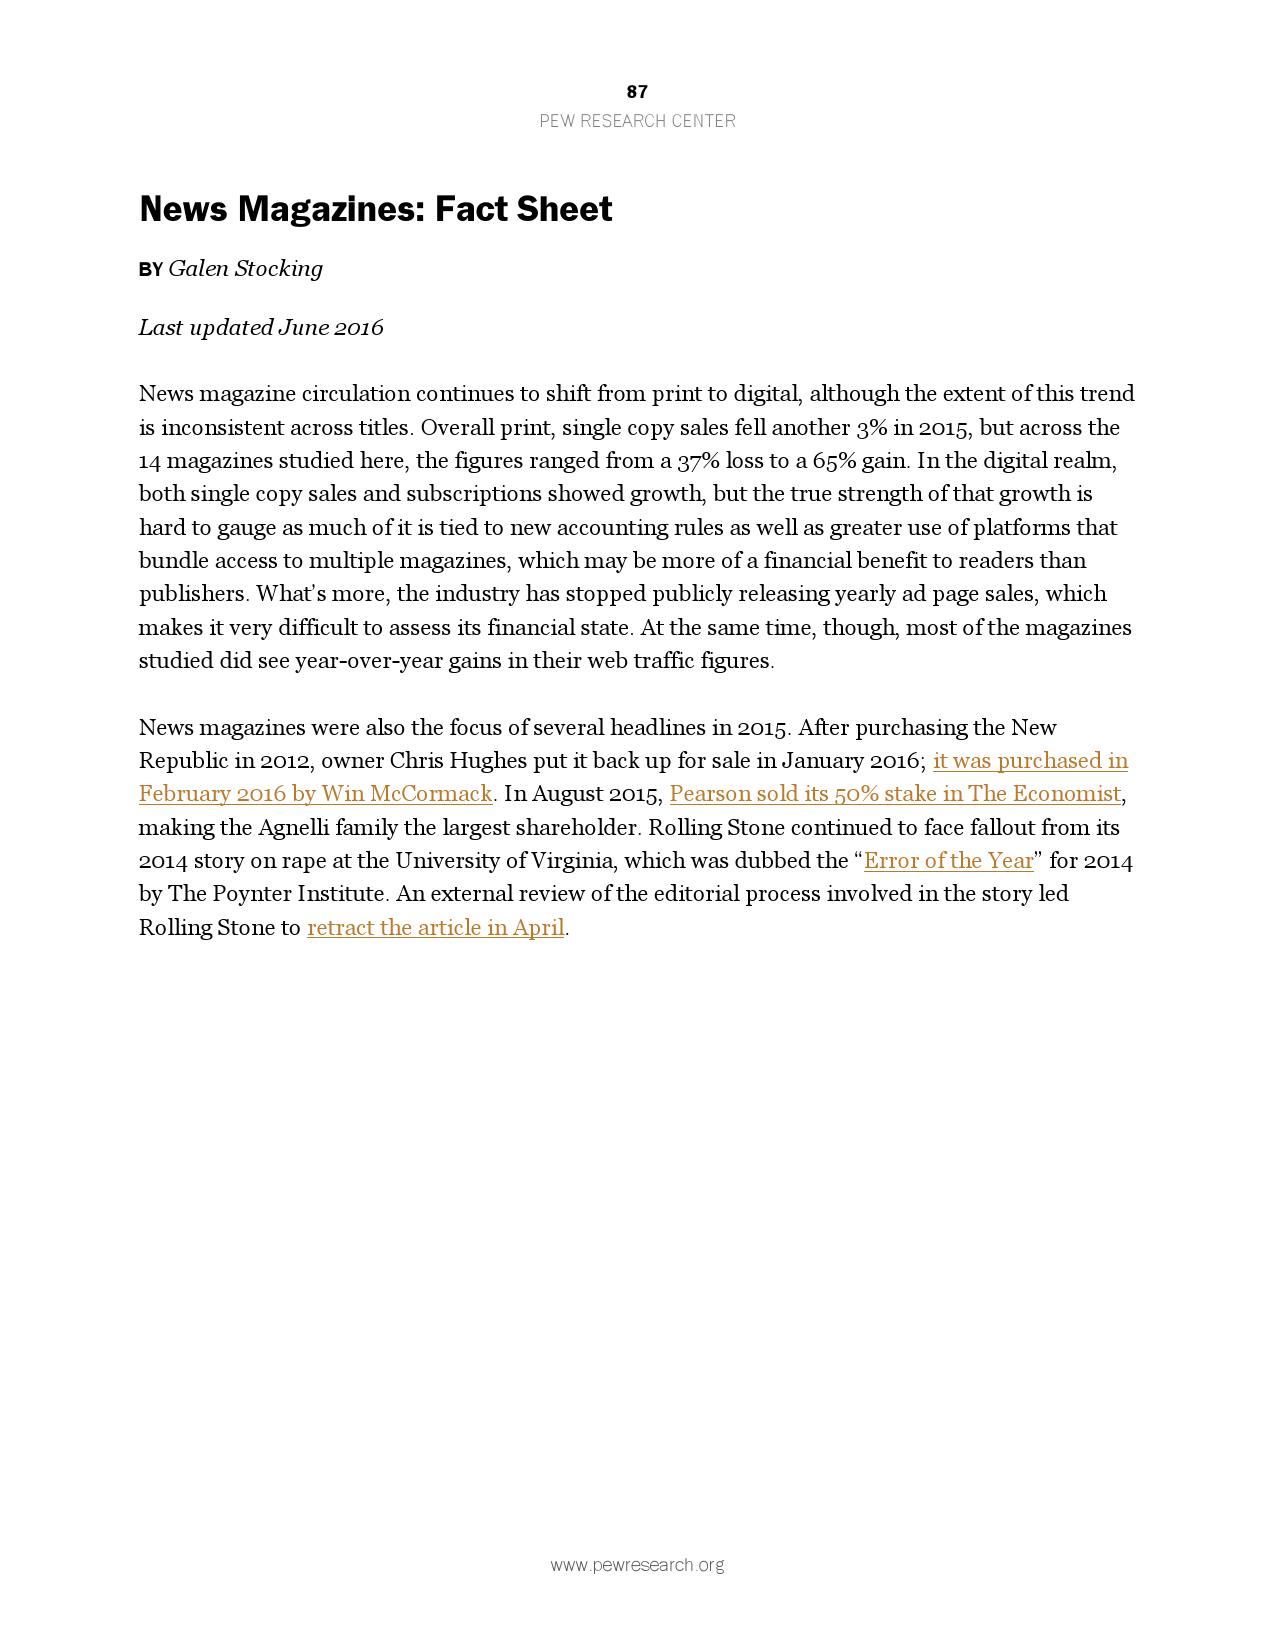 2016美国新媒体研究报告_000087